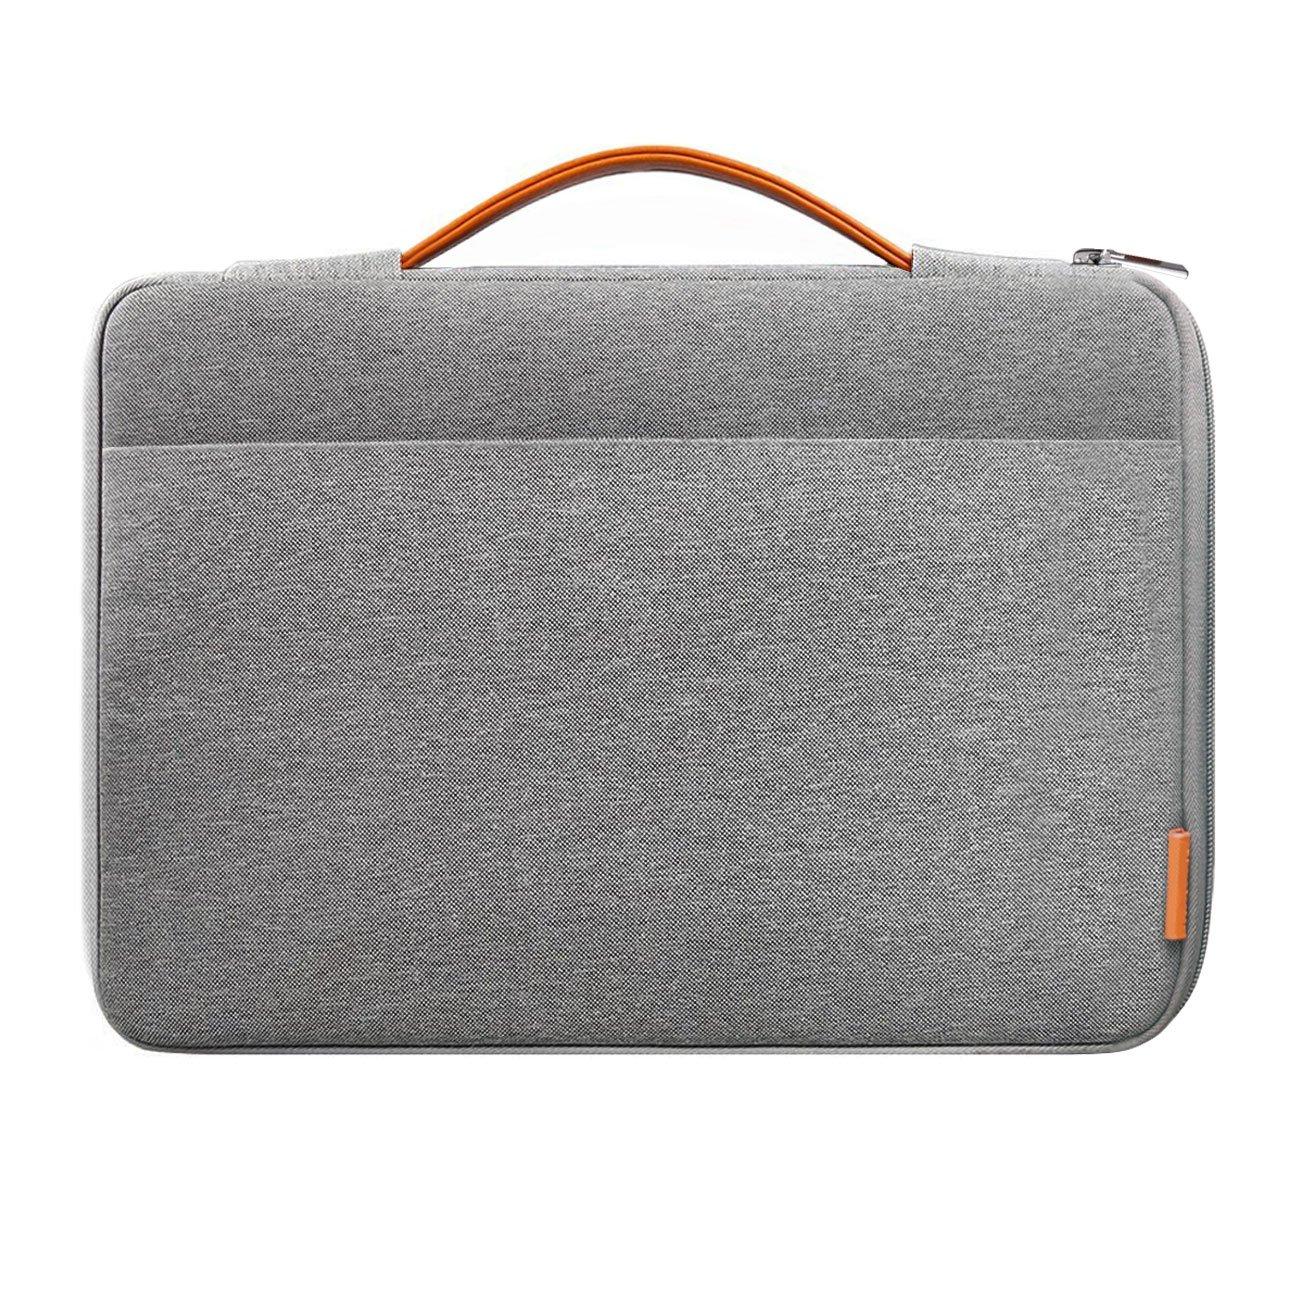 Inateck - funda minimalista ultrabook 13 pulgadas, impermeable